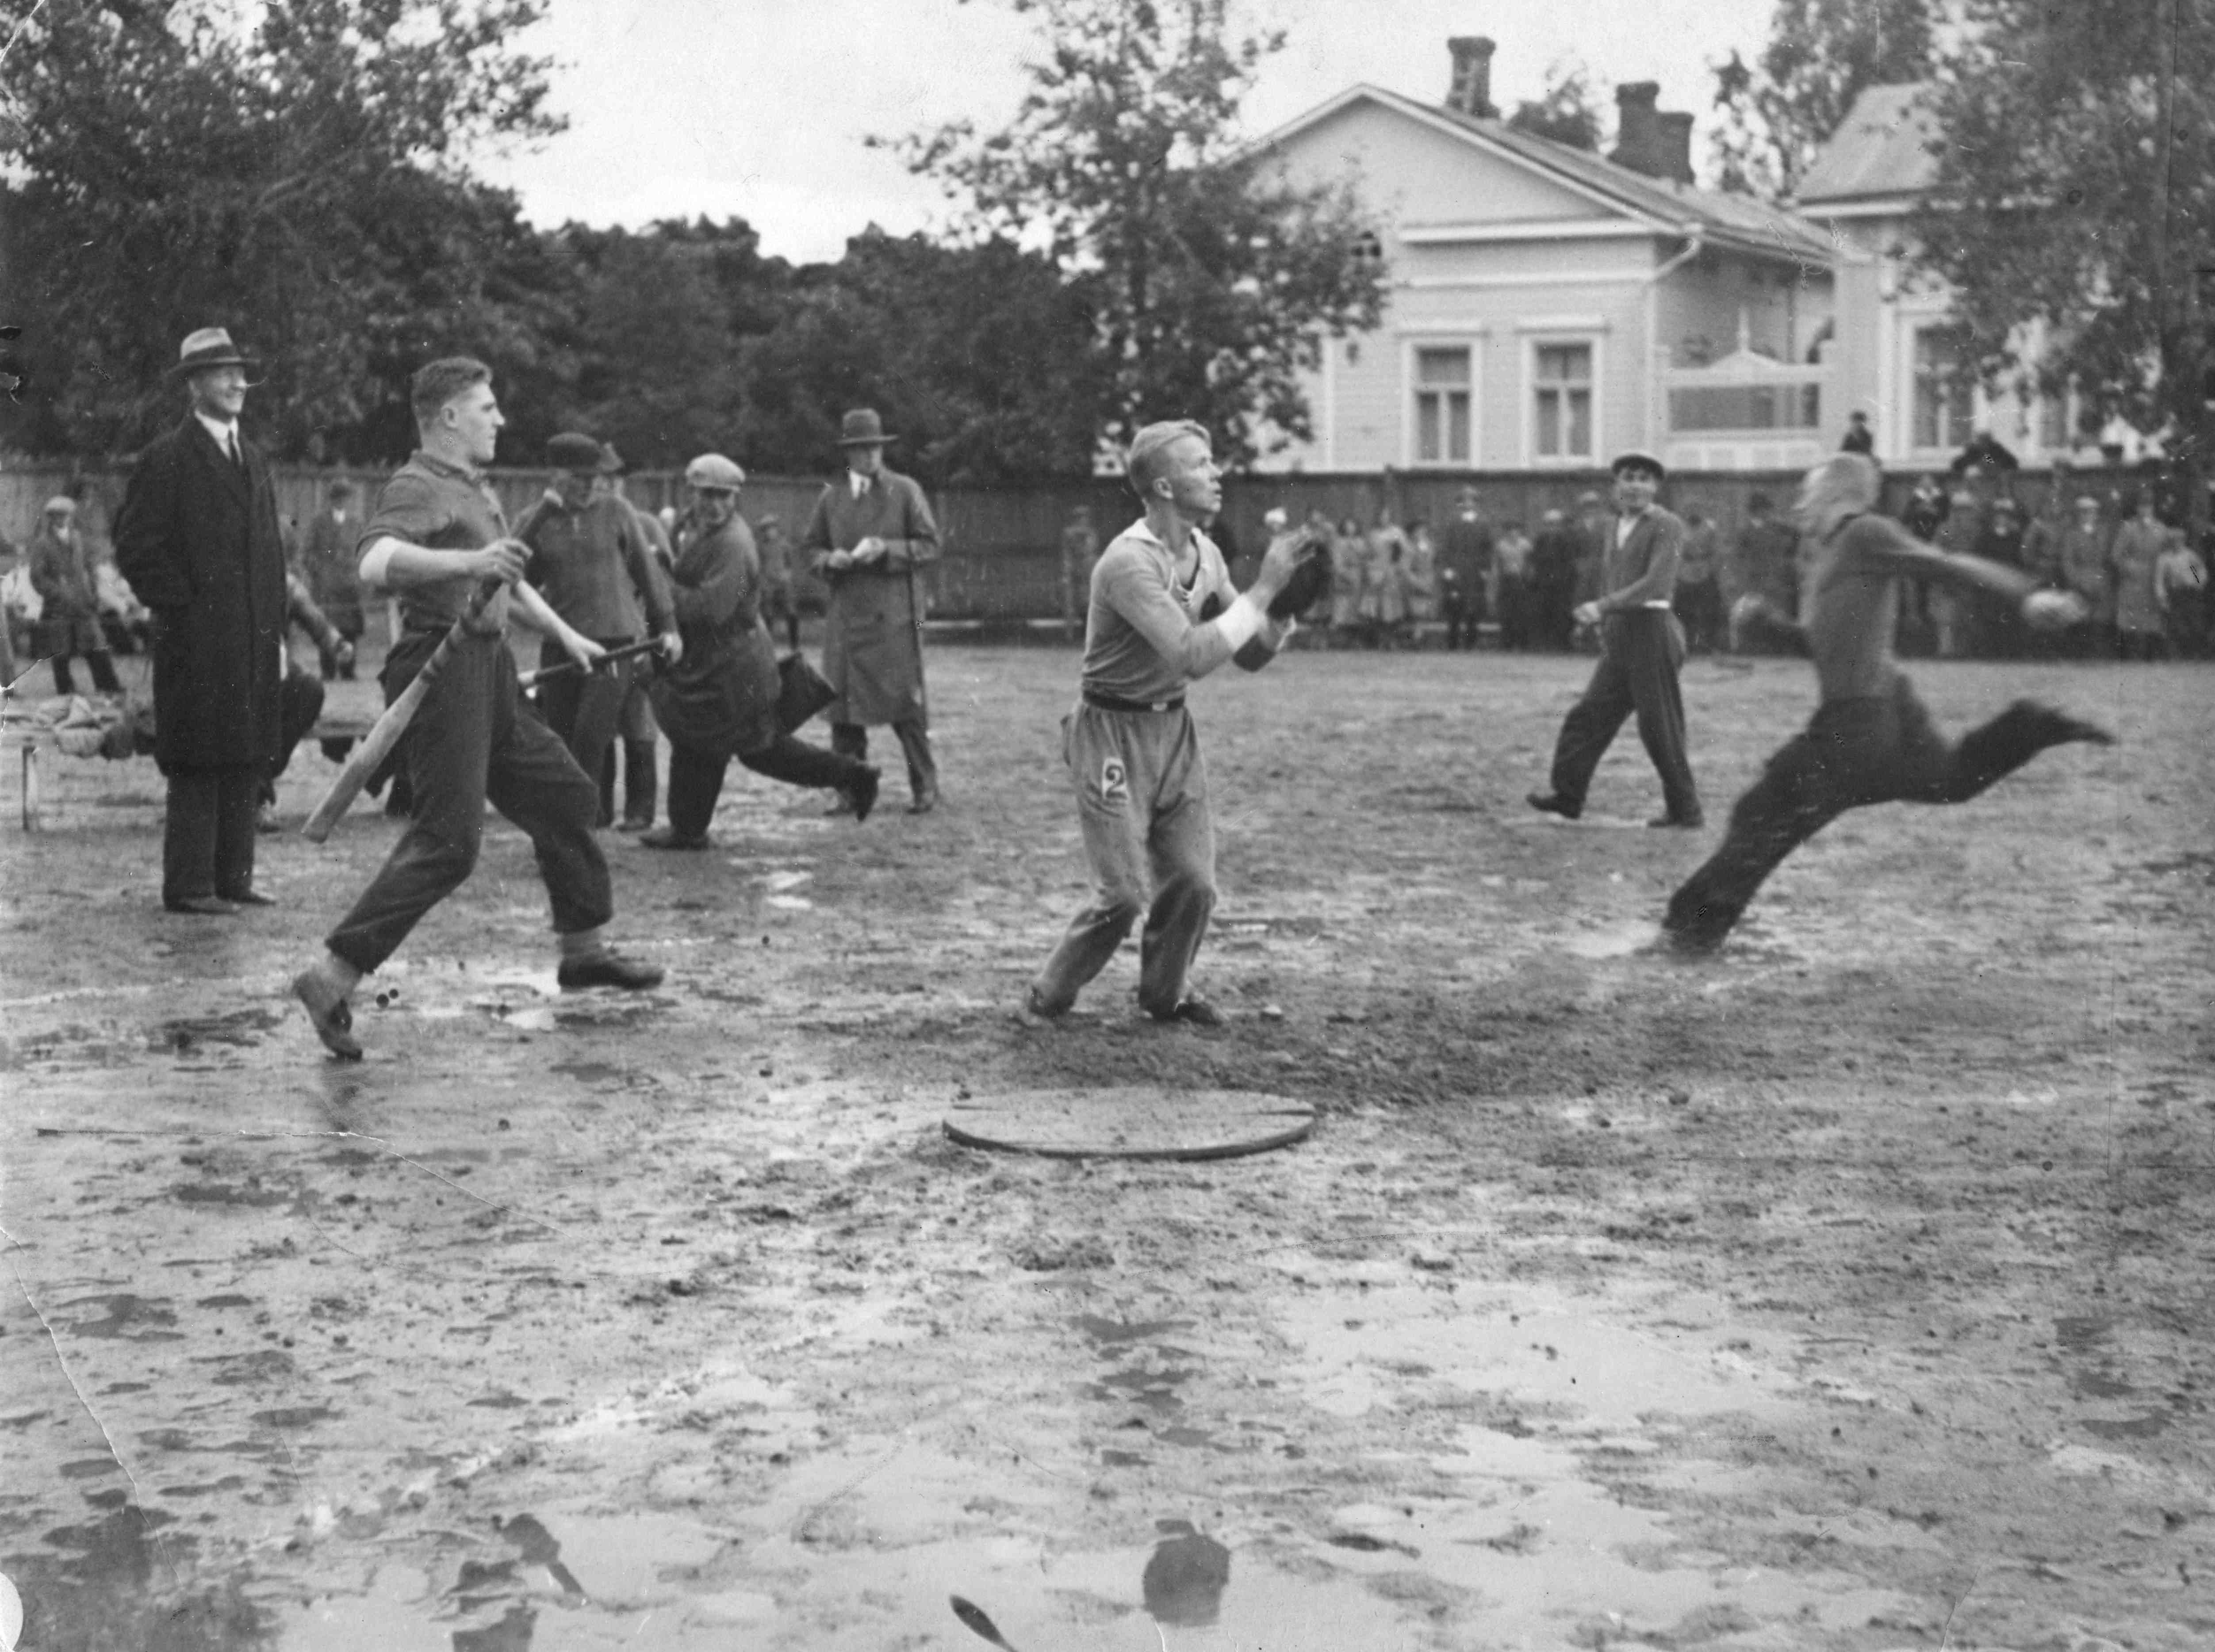 Pesäpallosta tuli 1930-luvun alkuun mennessä suosittu peli suomenkielisessä Suomessa. Heikot kenttäolot eivät estäneet pelaamista. Kuvan ottelu käytiin Viipurissa. (Suomen Urheilumuseo)